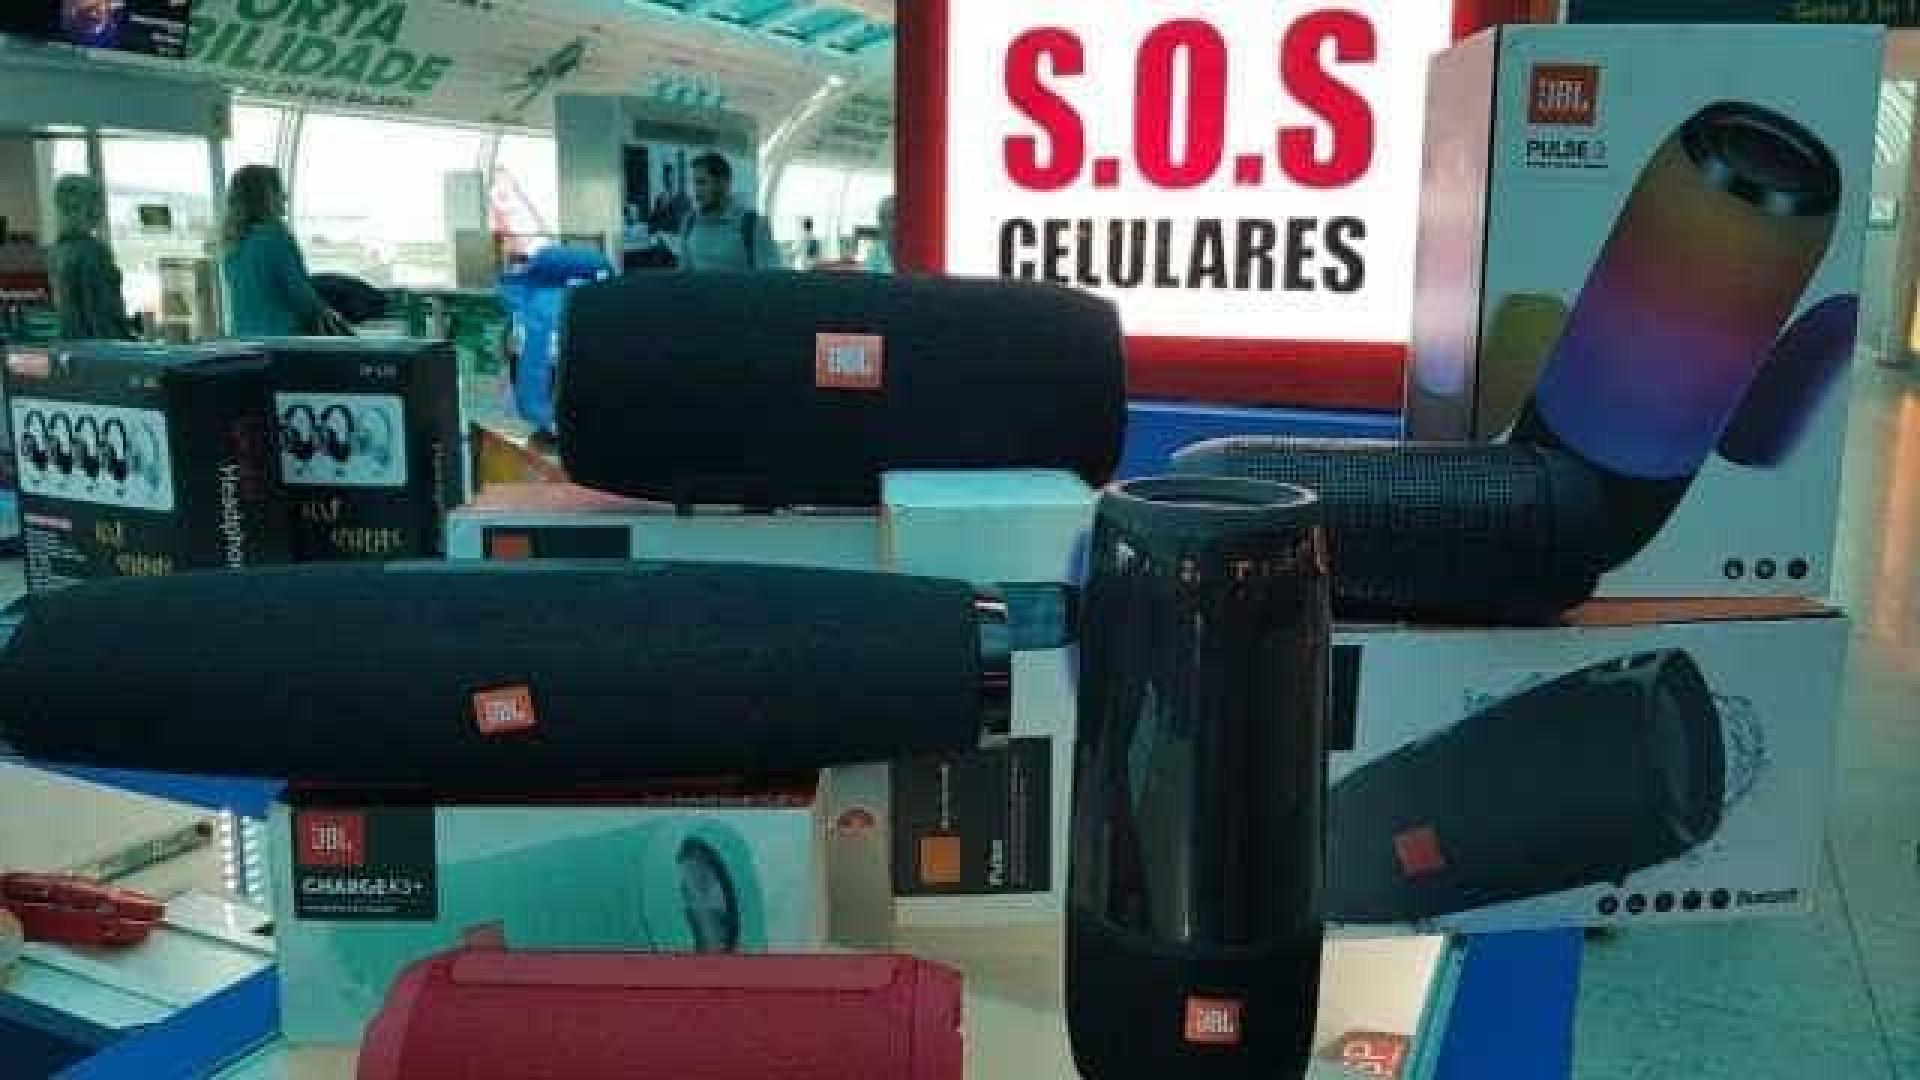 Polícia apreende R$ 3 mi em produtos falsos em loja do Santos Dumont